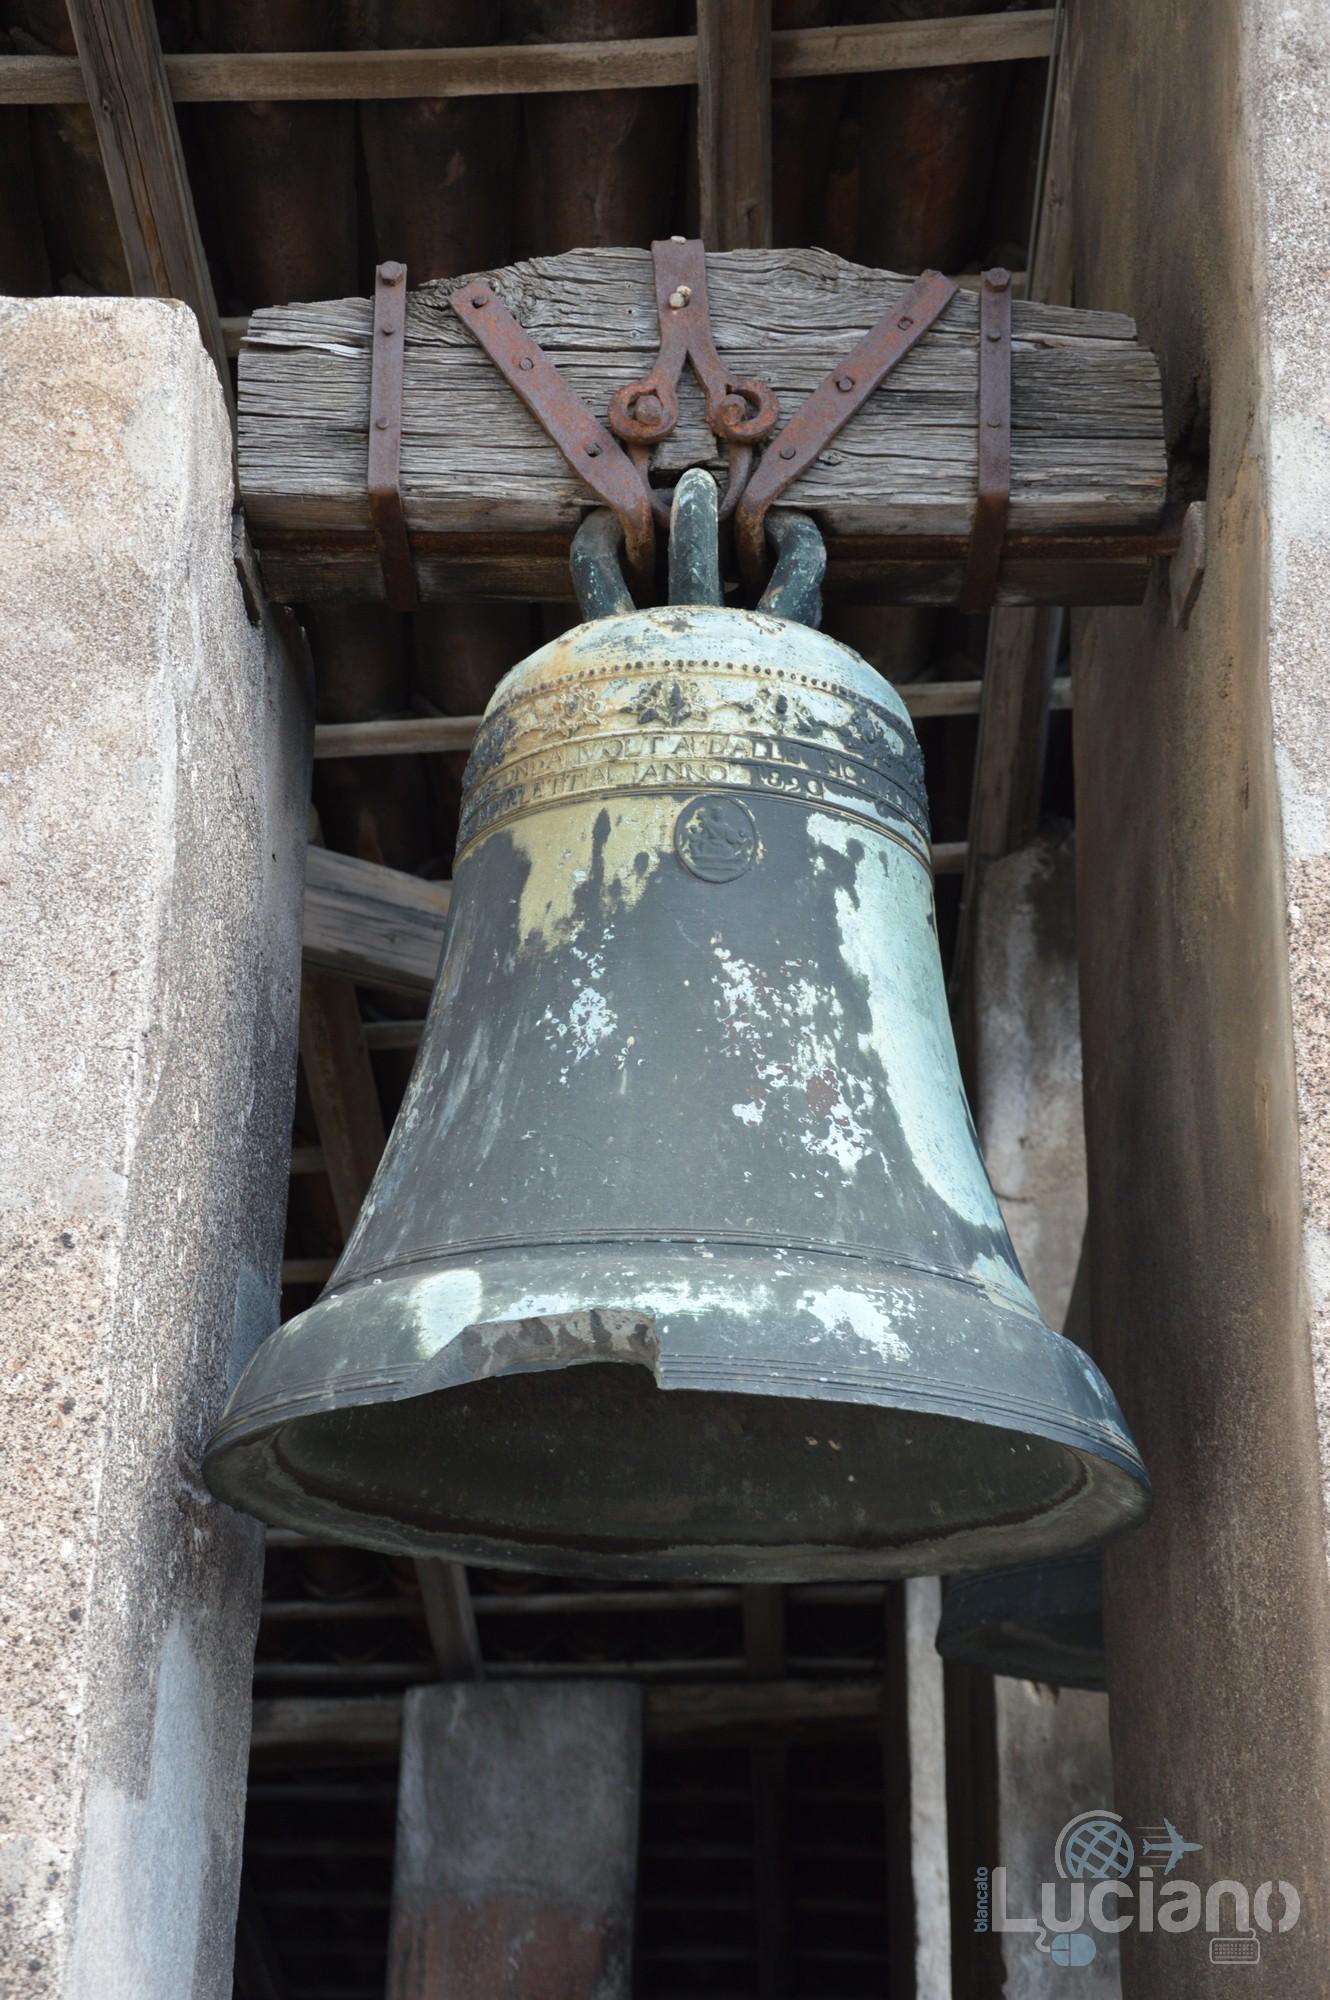 dettaglio, campana della Chiesa della Badia di Sant'Agata, durante i festeggiamenti per Sant'Agata 2019 - Catania (CT)